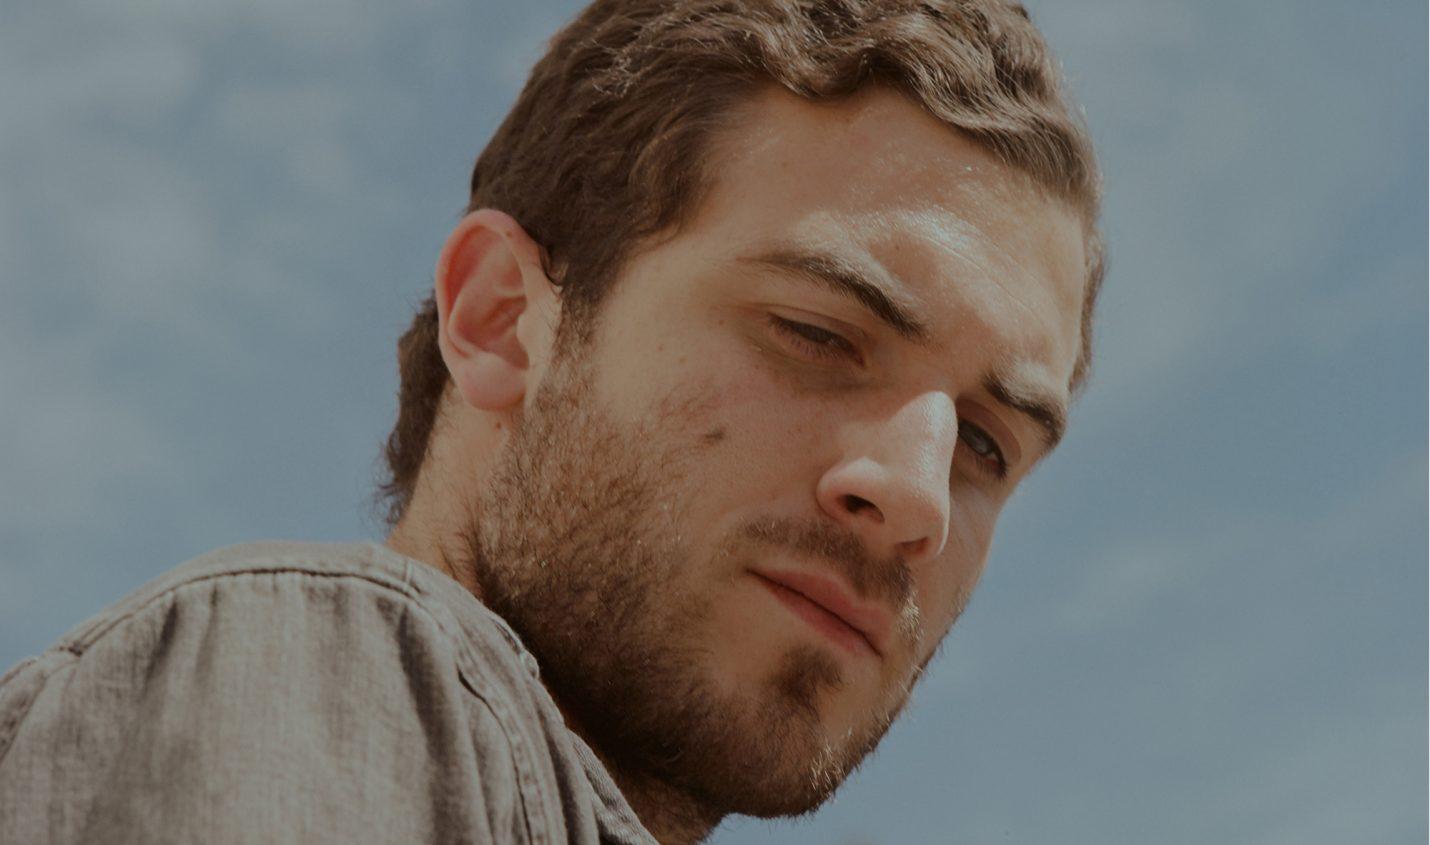 Nicolas Jaar veröffentlicht zwei neue Tracks und einen Mix